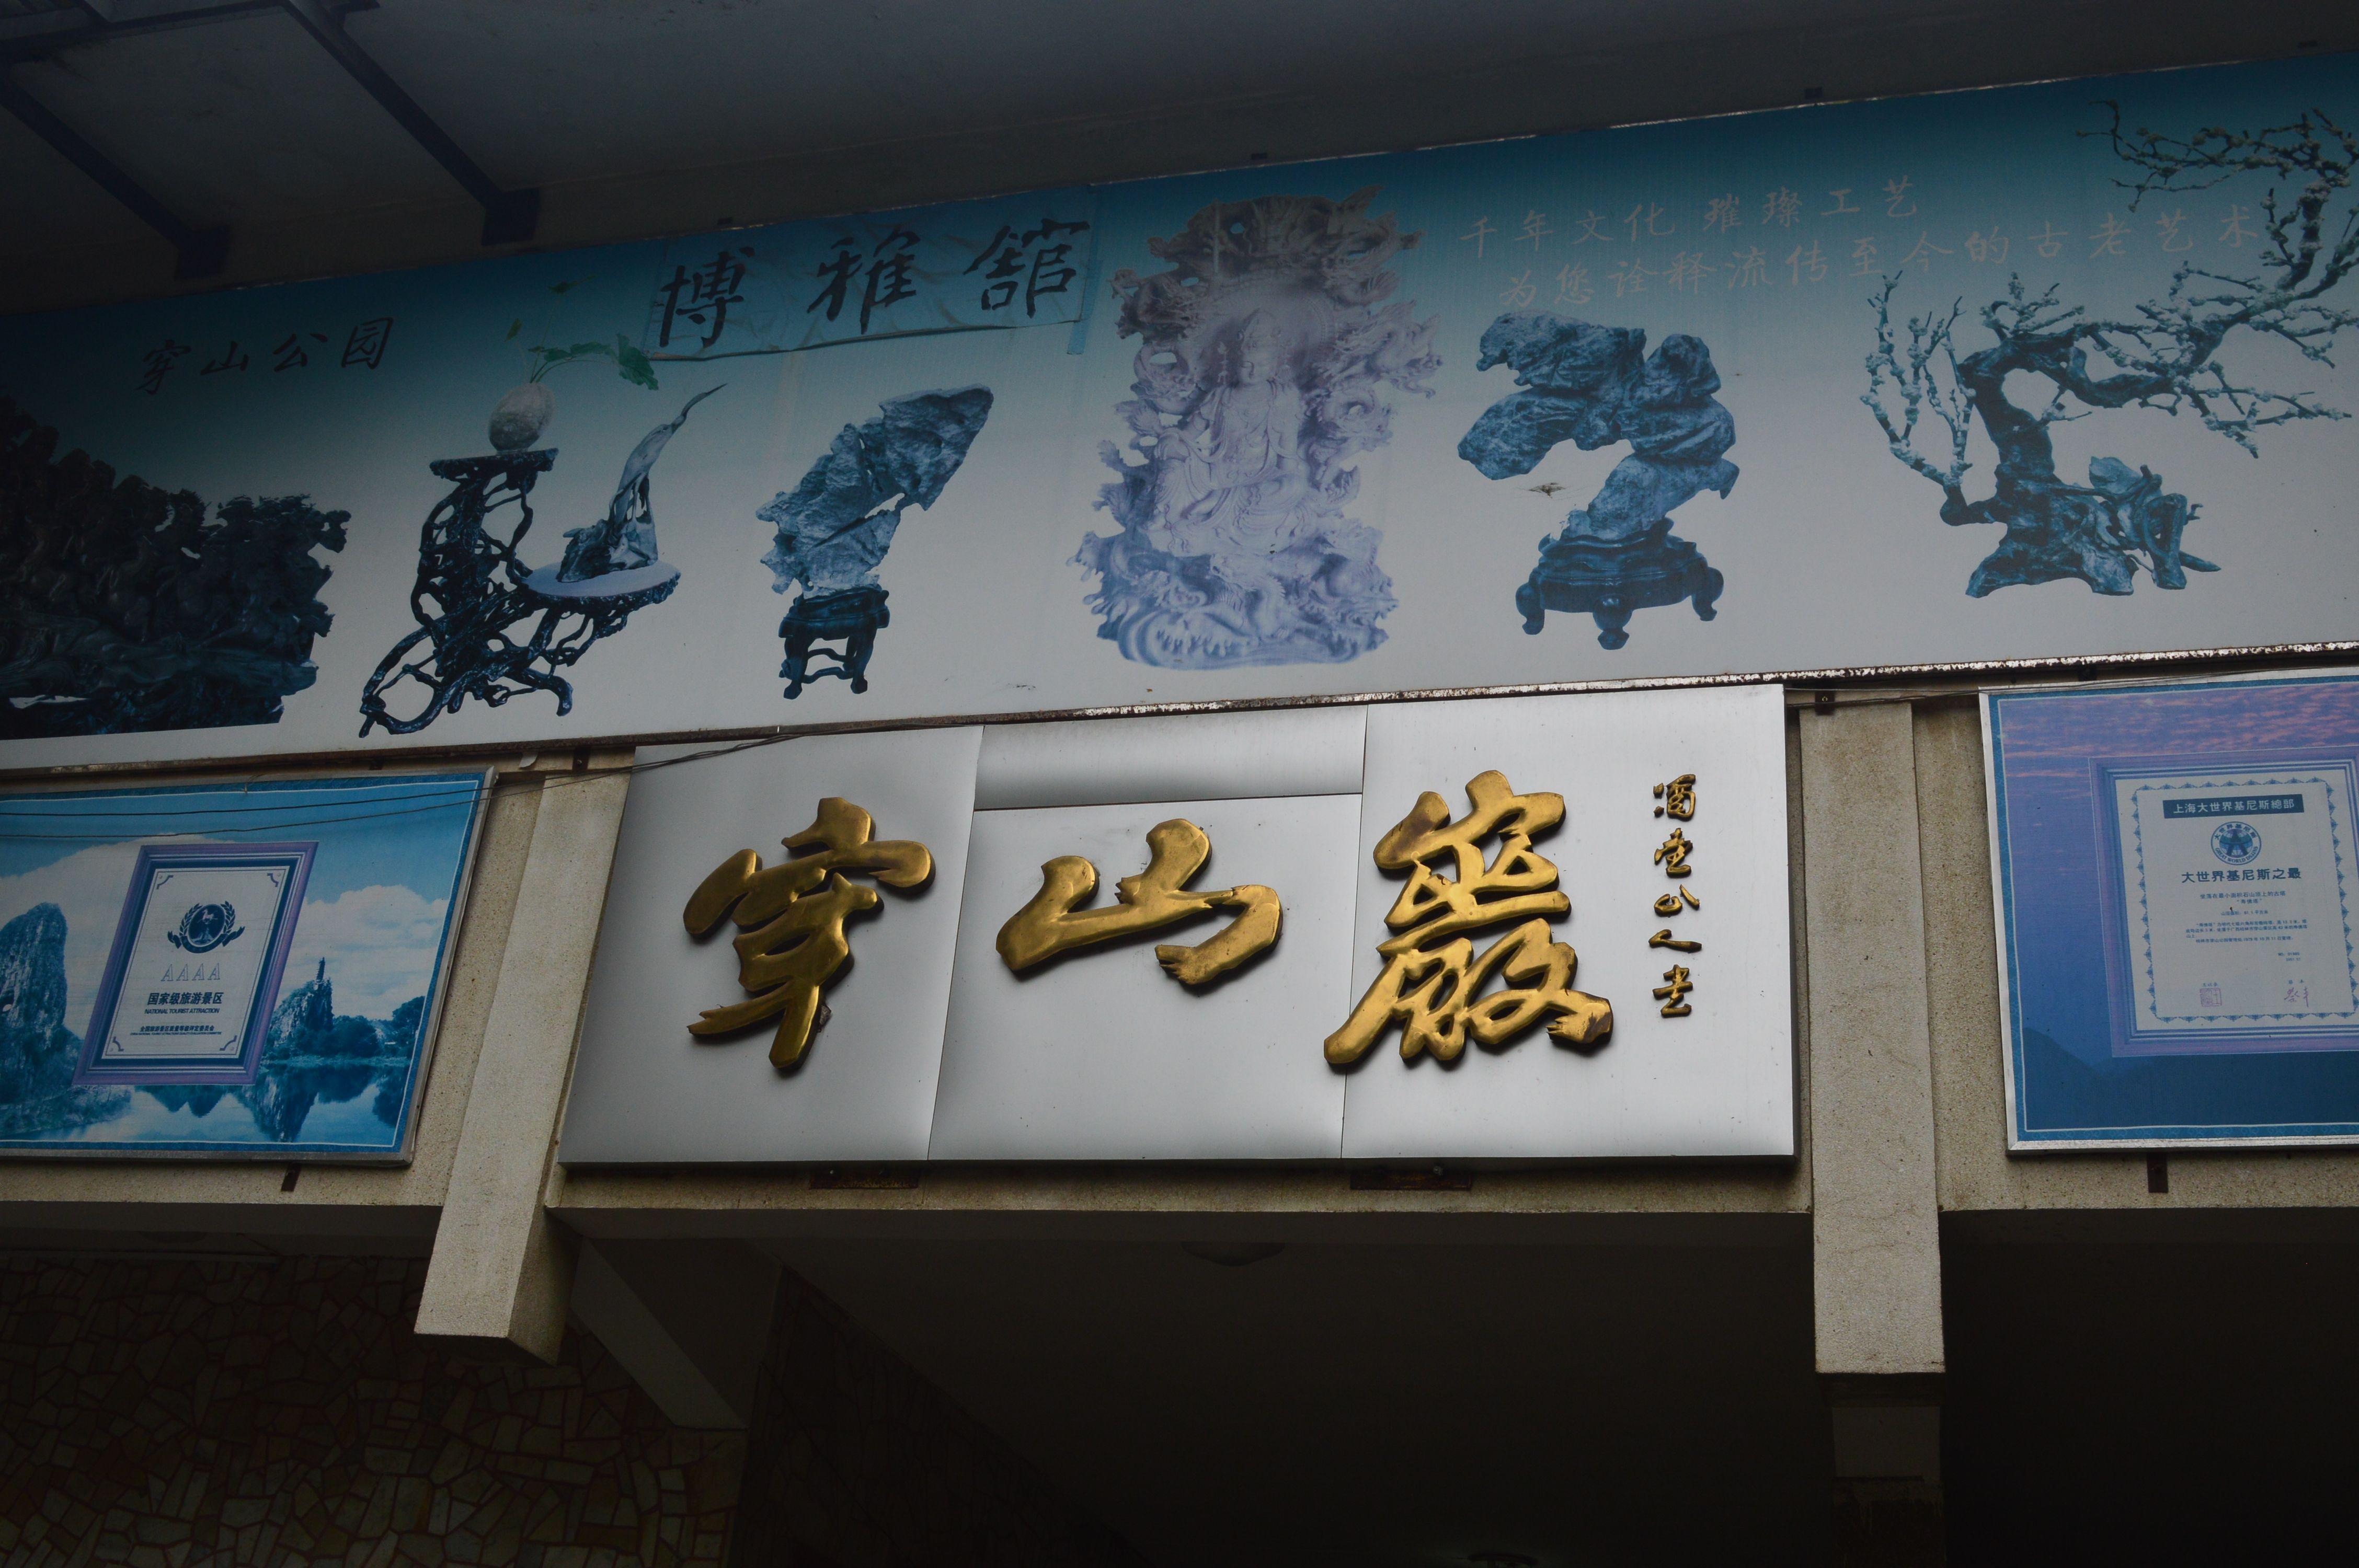 桂林山水之穿山岩